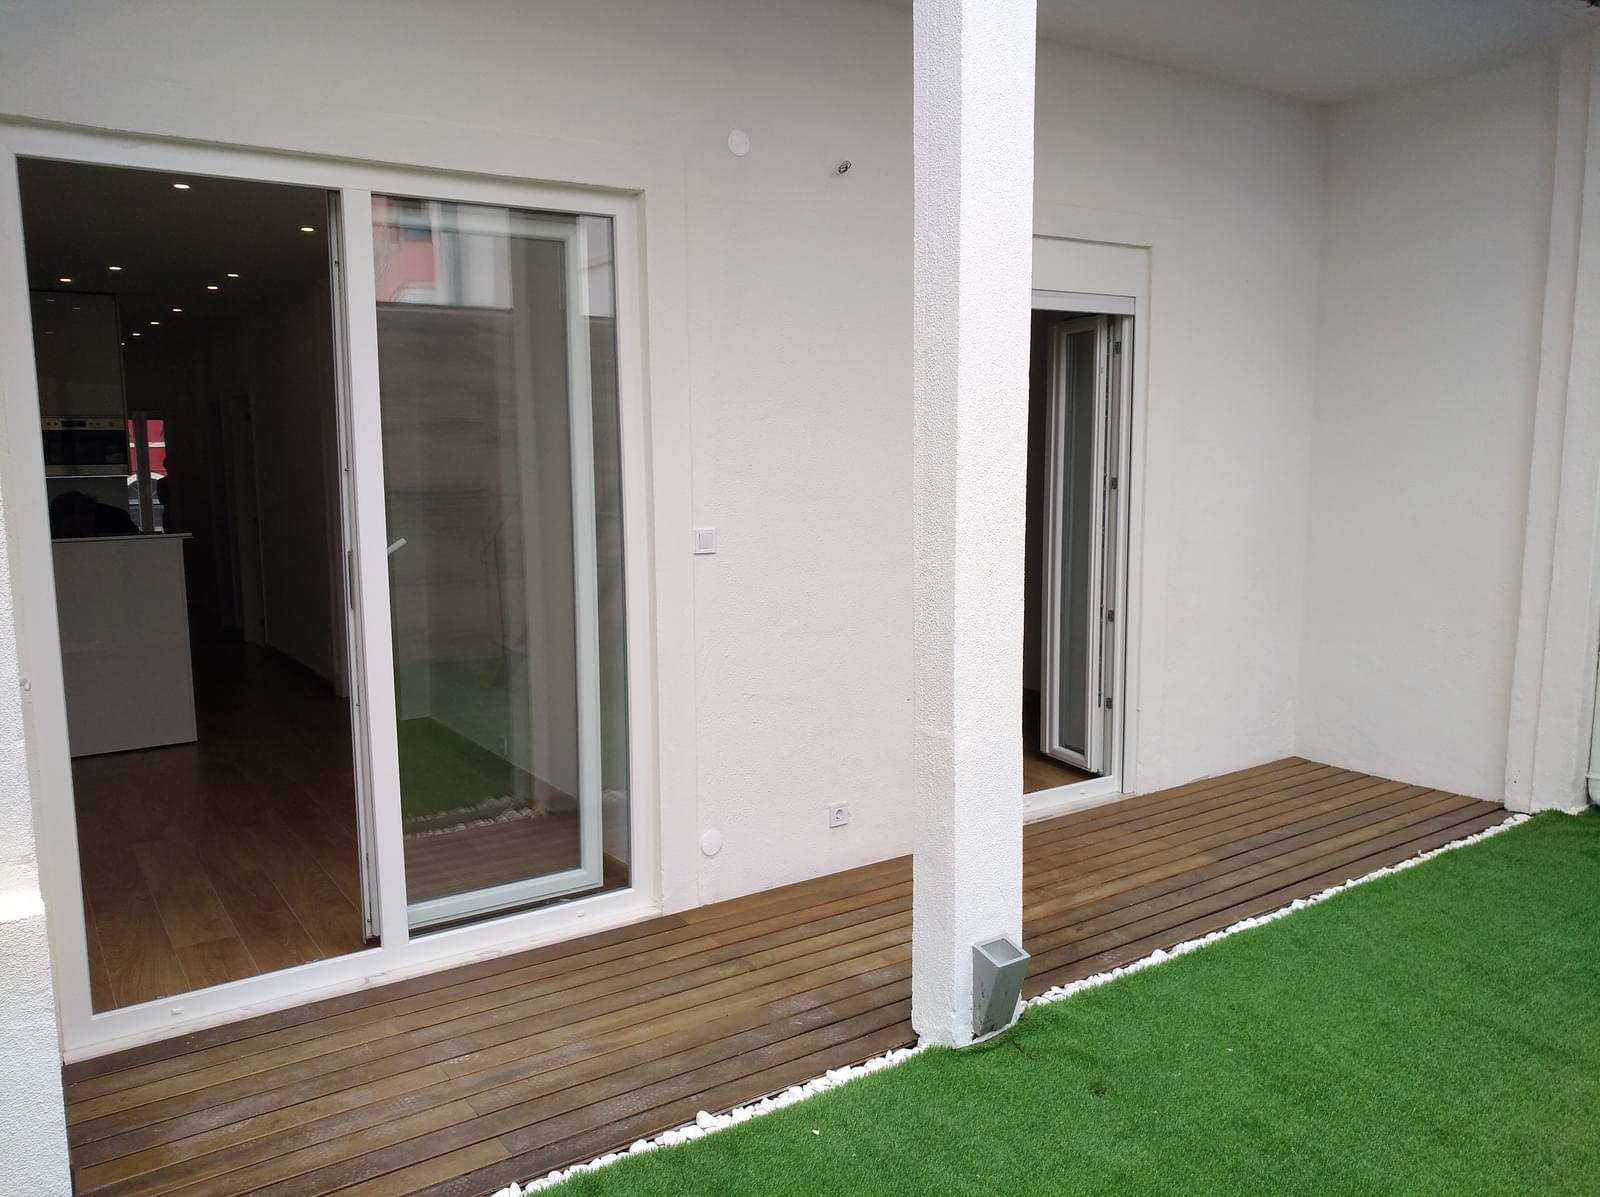 pf17316-apartamento-t2-lisboa-25aff54d-56fd-4456-a581-6921f9a1f975